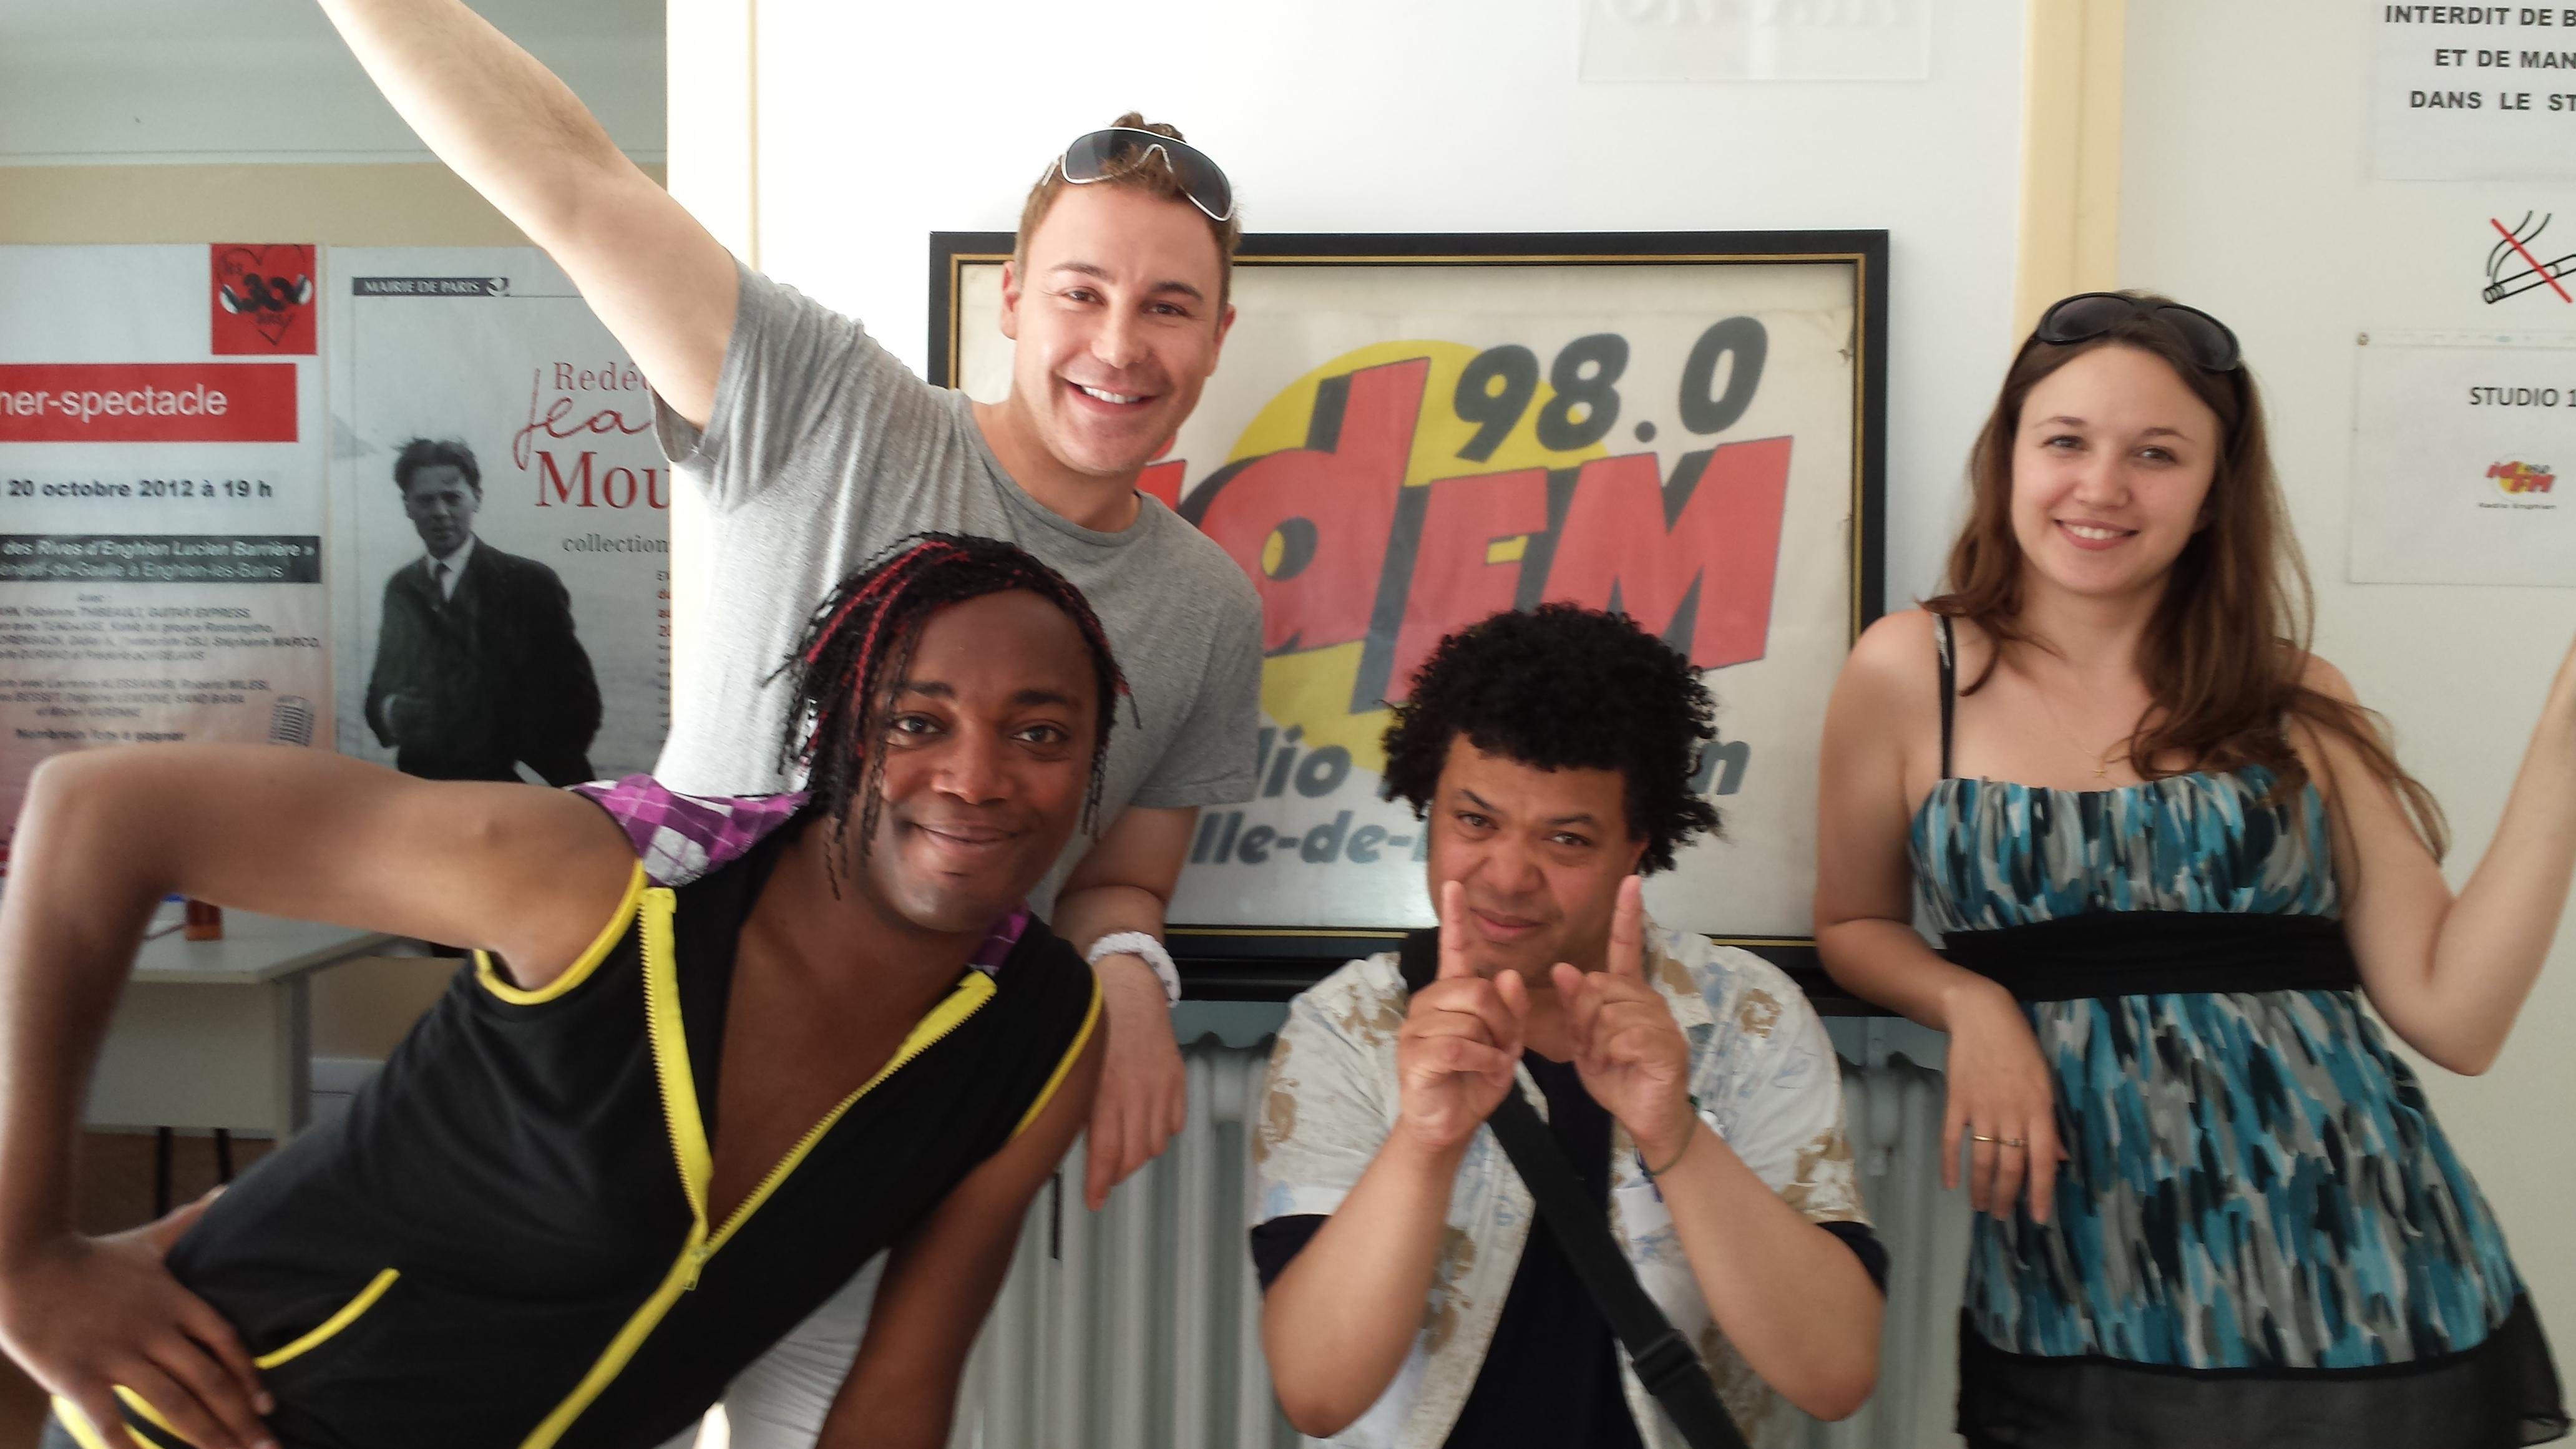 La Big Bang team de l'été 2013 : Dylan, Didier Mesgard, Petit Manu et Charlène